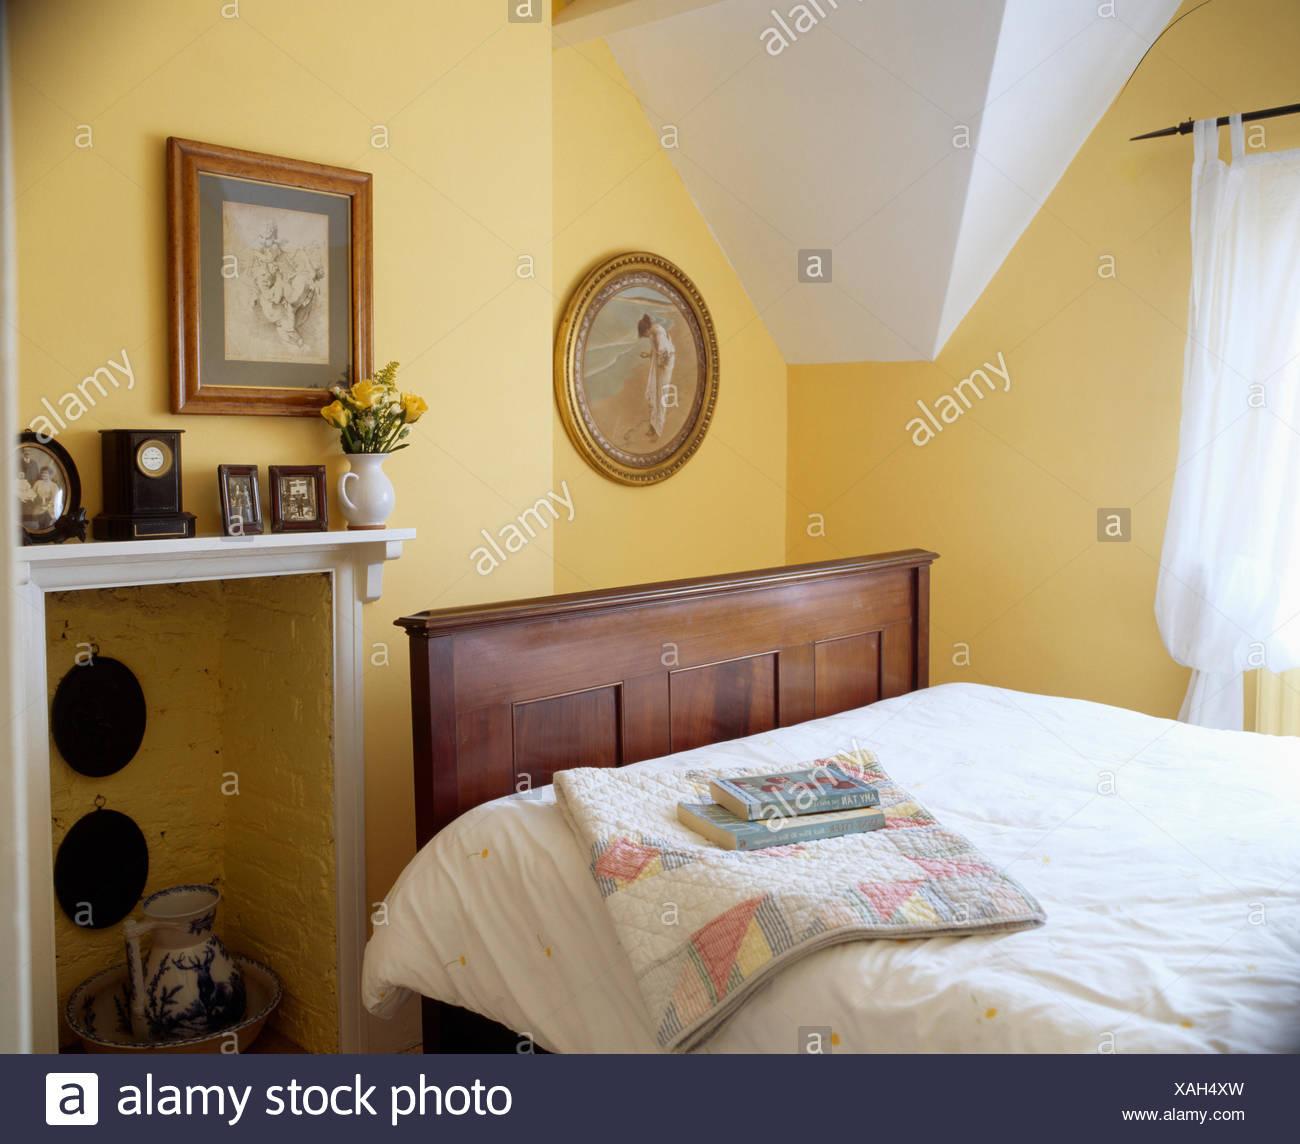 Bilder An Der Wand Uber Dem Dunklen Holz Bett Mit Weissen Bettdecke Im Dachgeschoss Schlafzimmer Mit Kamin Stockfotografie Alamy